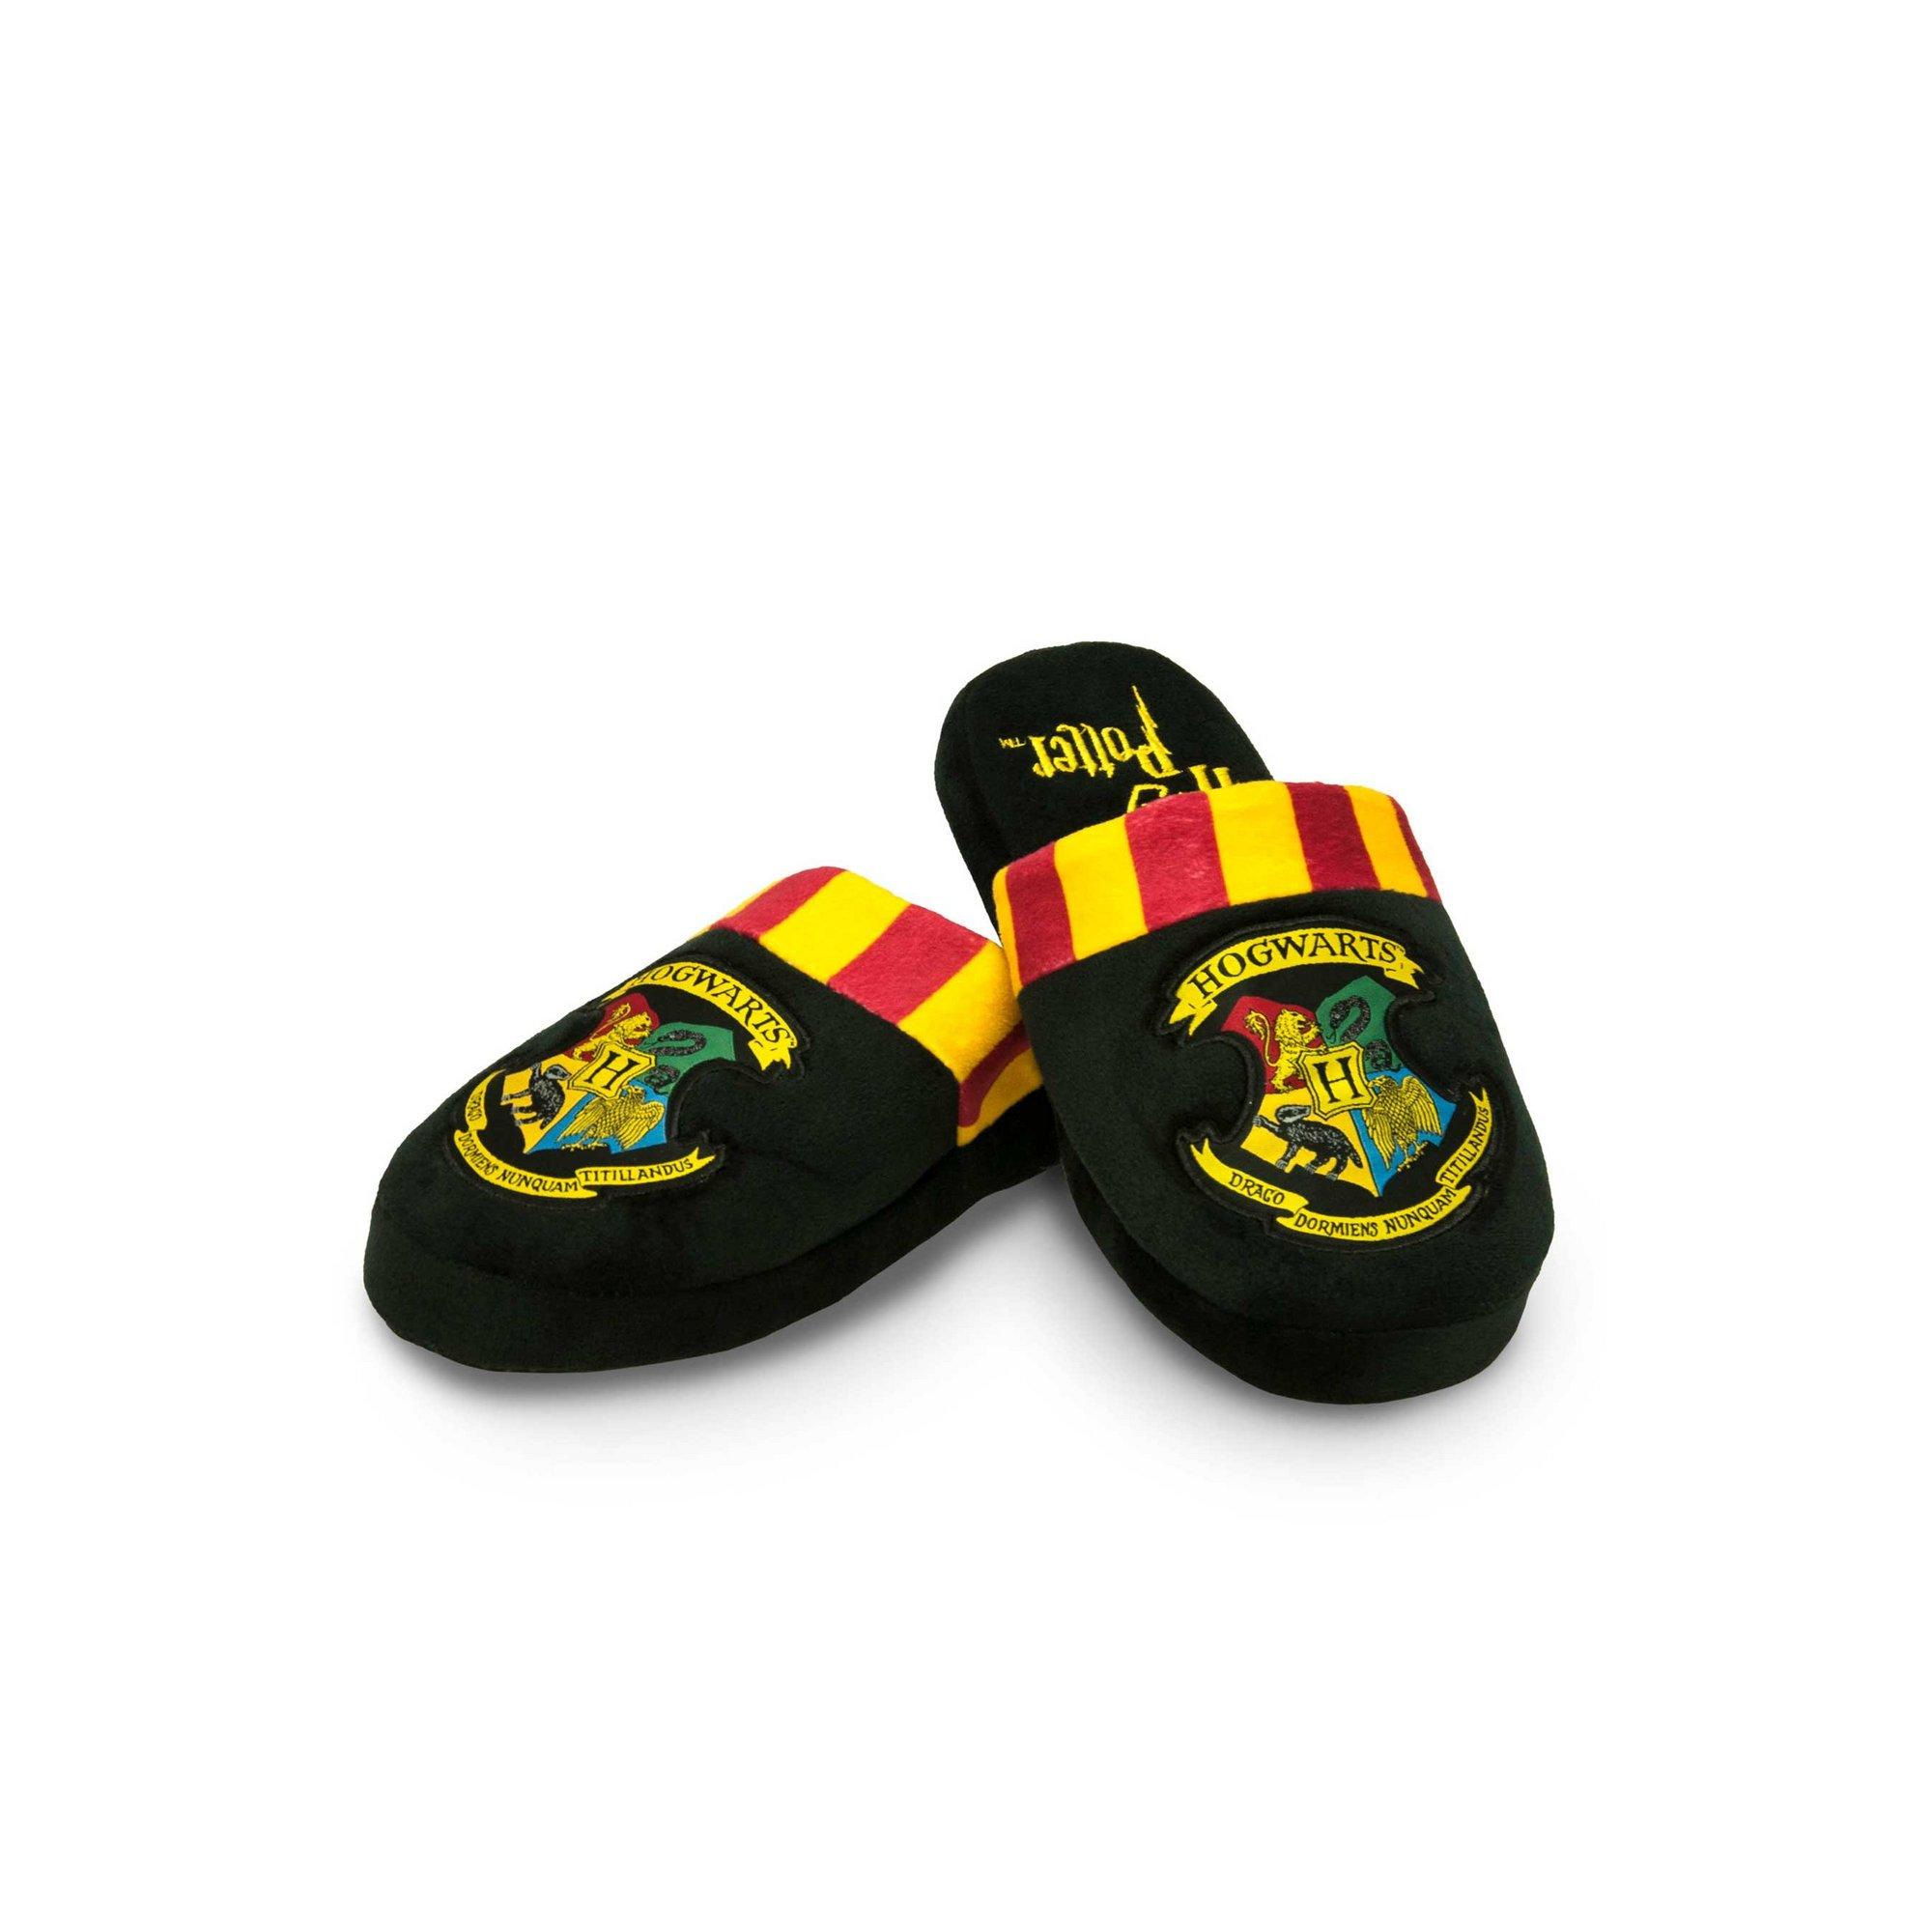 Image of Hogwarts Slippers